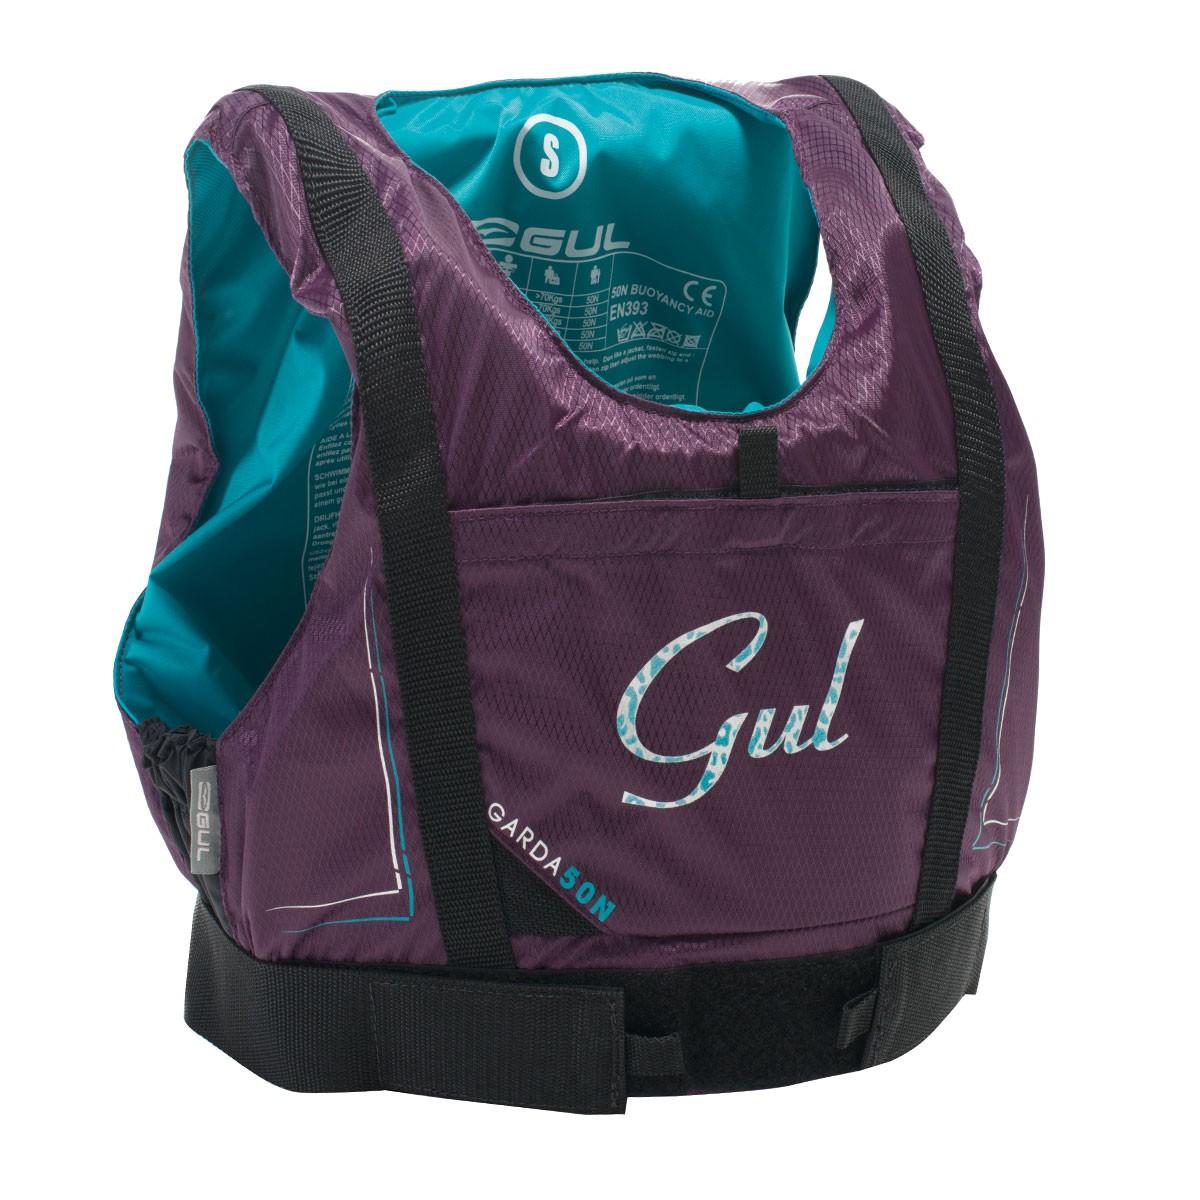 dámská záchranná vesta GUL Garda 50N GM0162 fialová L